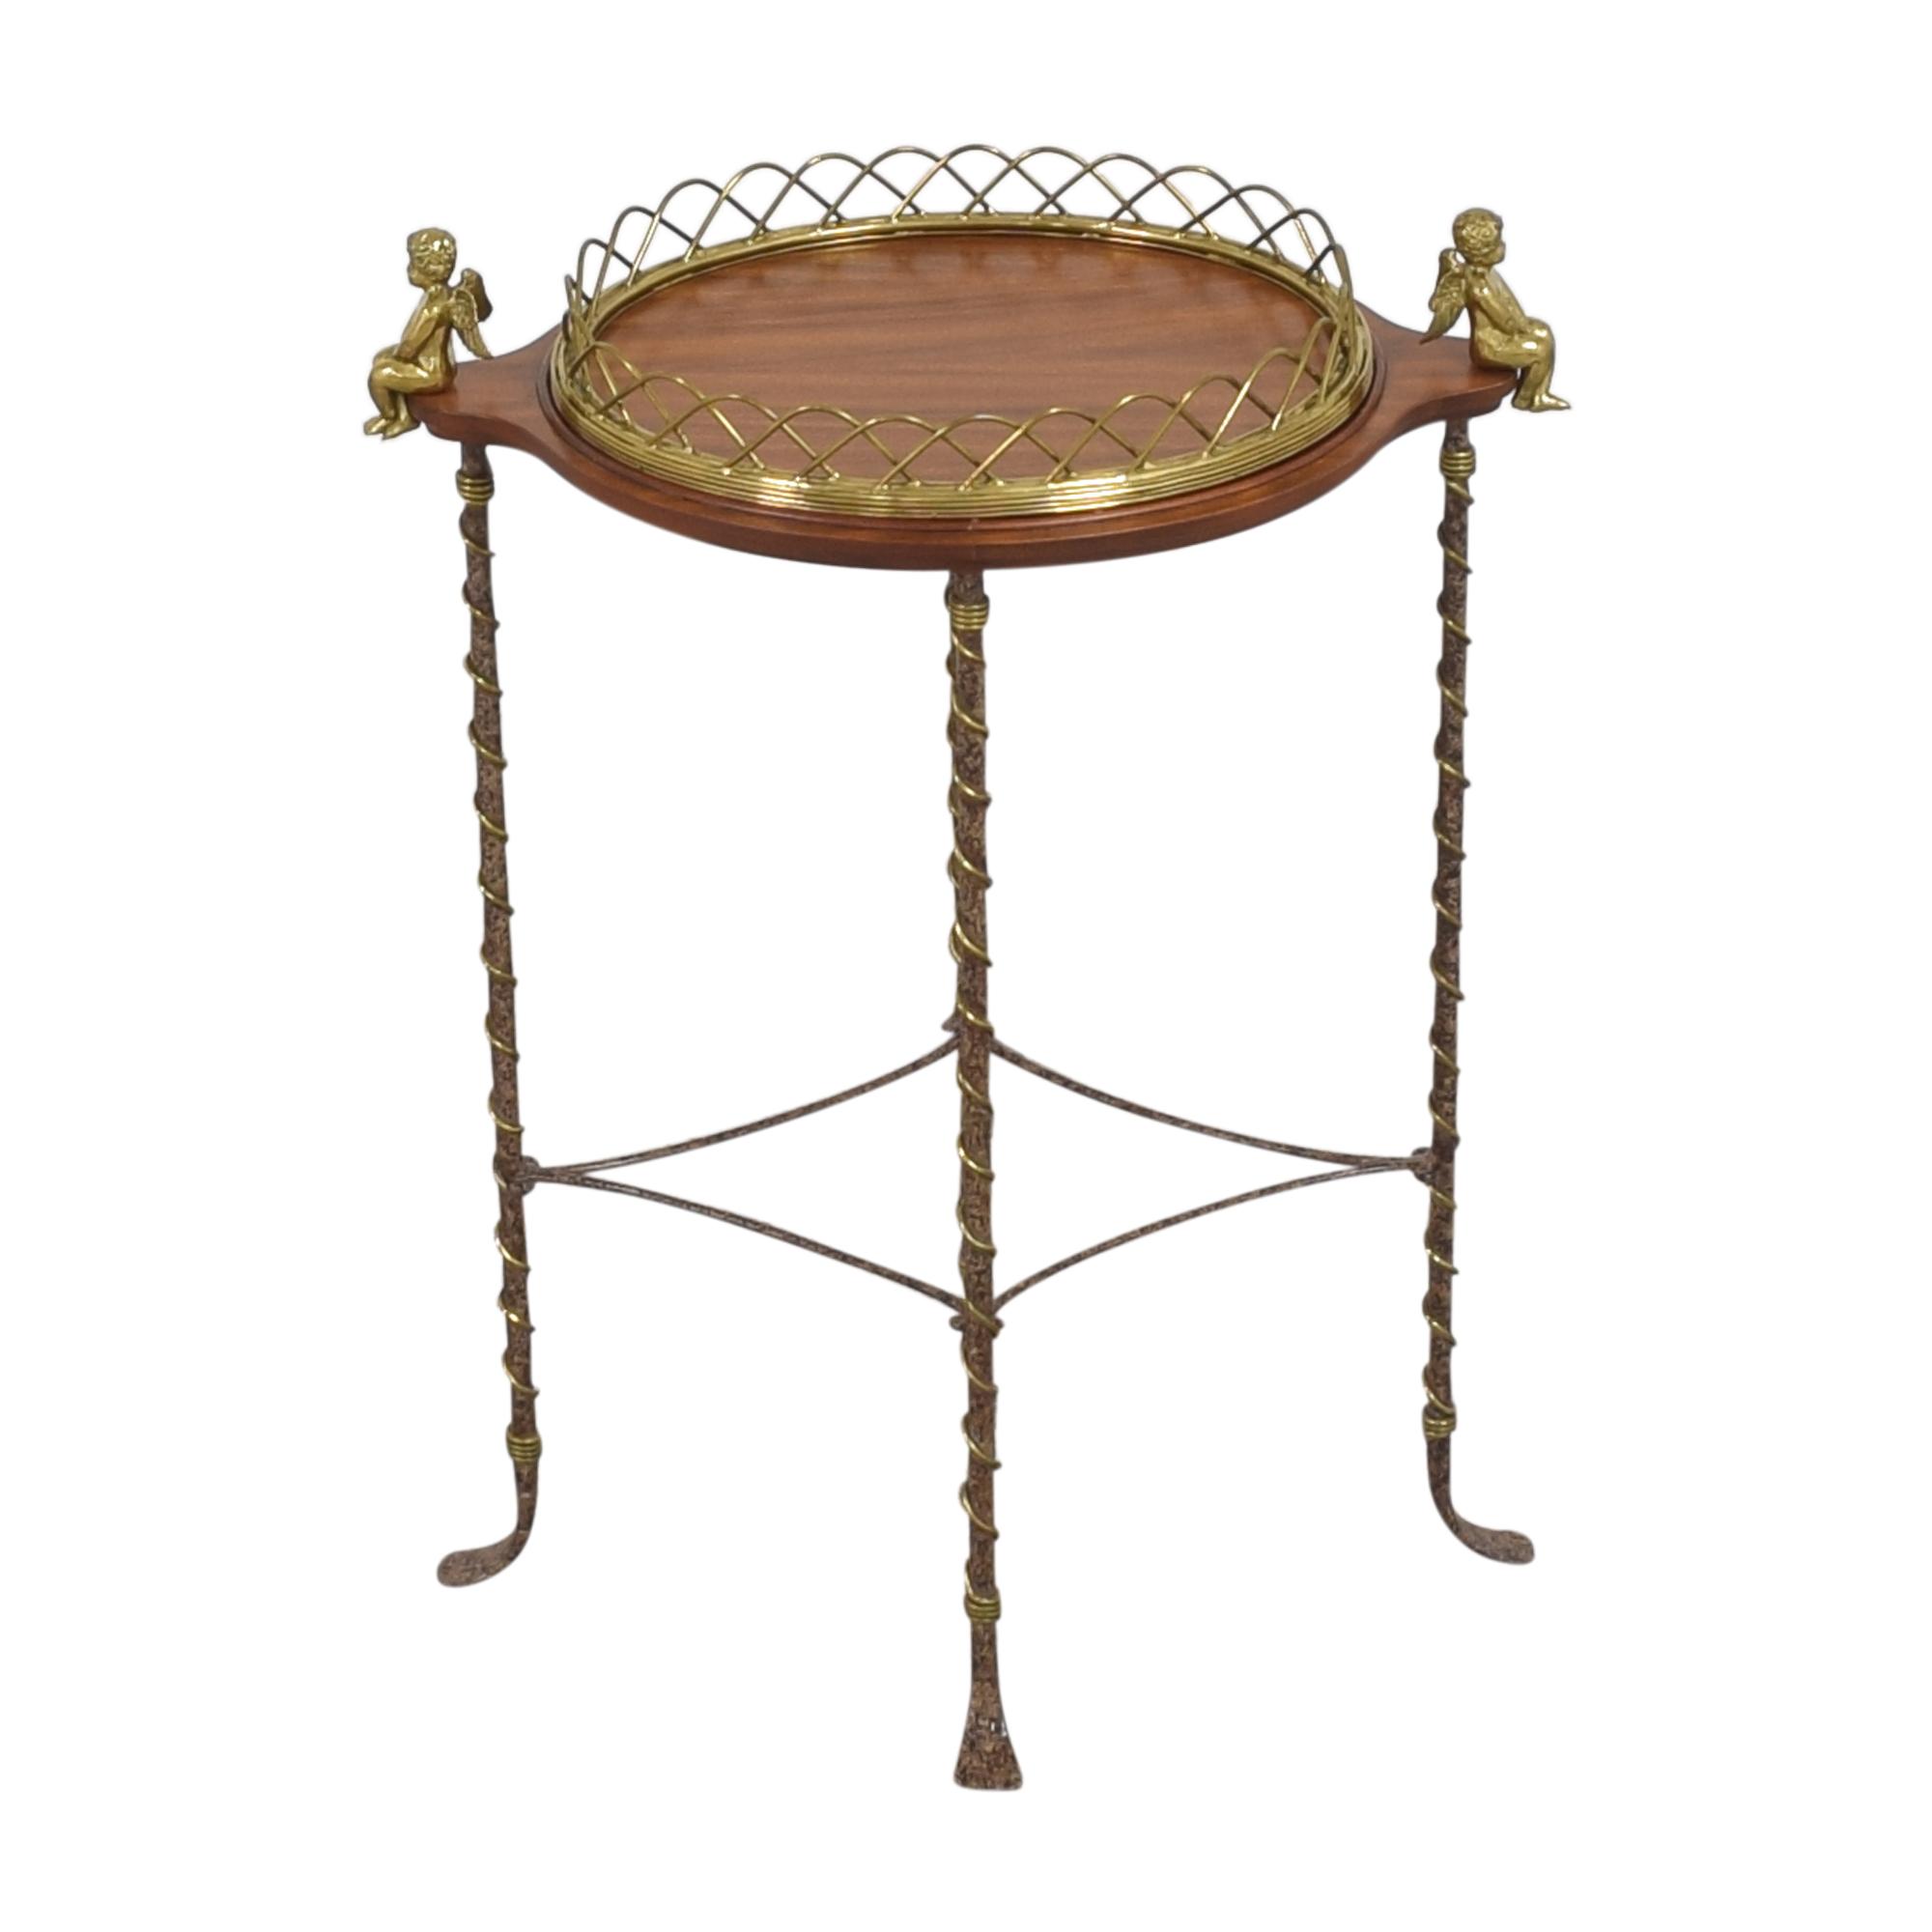 La Barge La Barge Cherub Side Table for sale